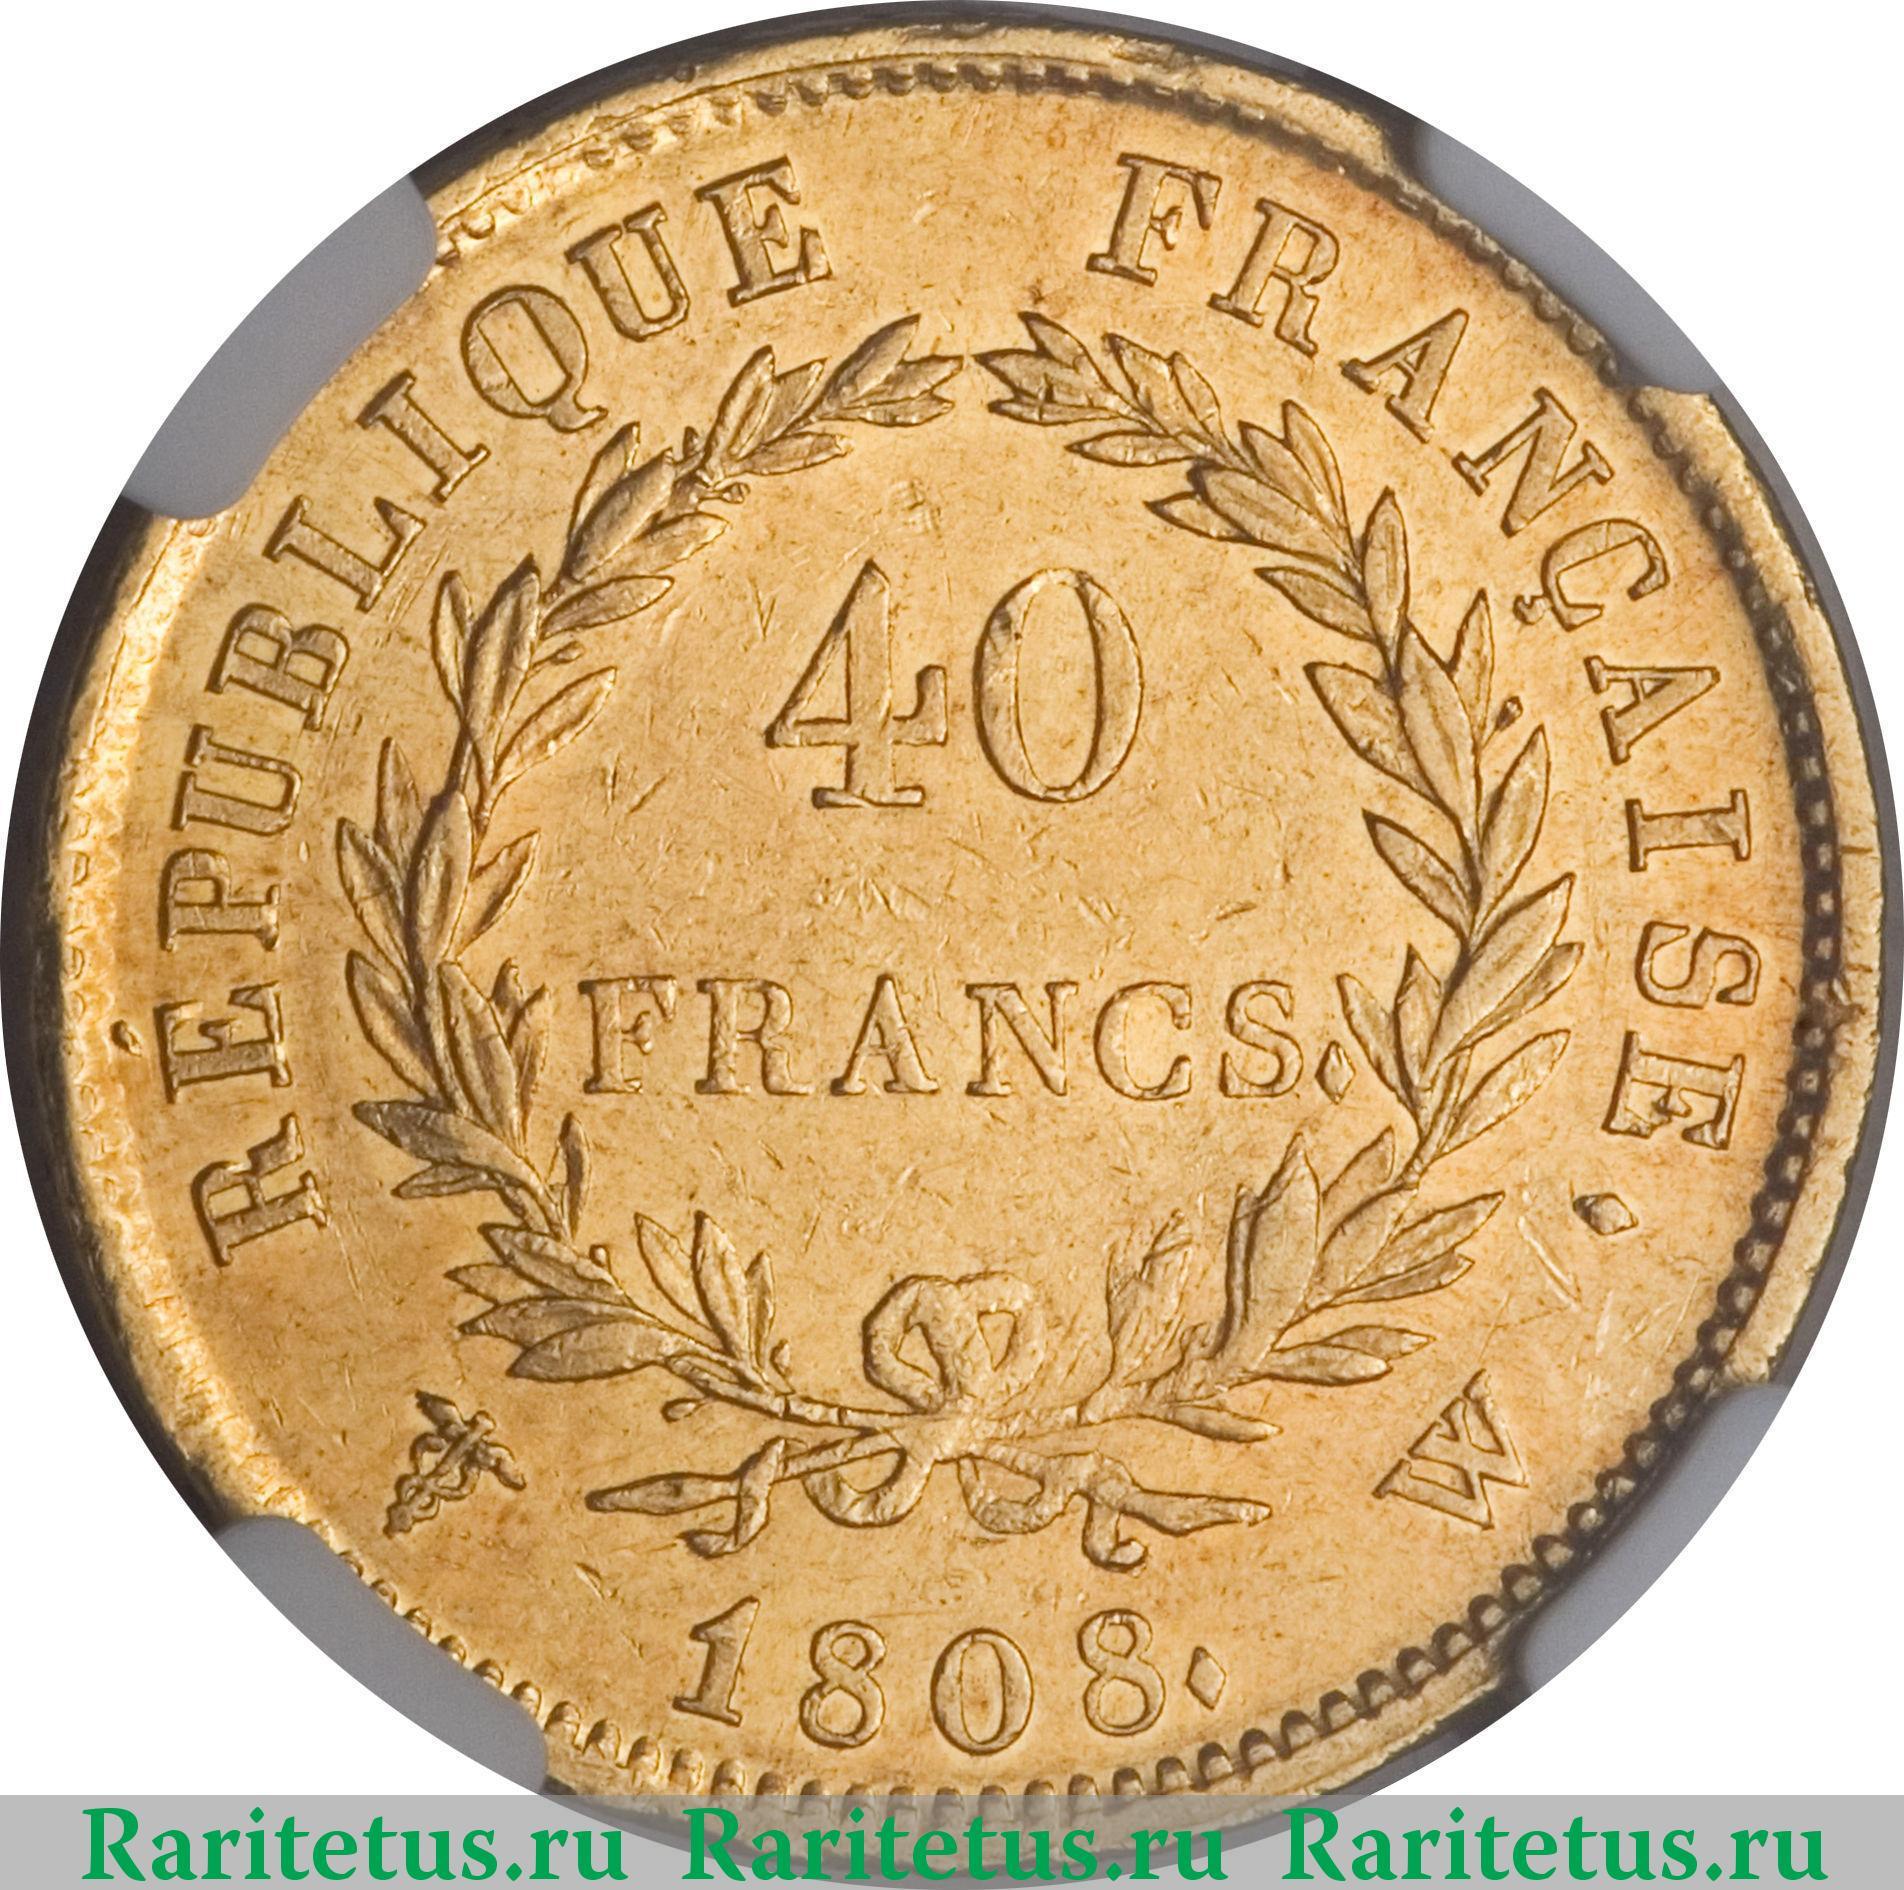 Реверс монеты 40 франков (francs) 1808 года двойной наполеондор Франция